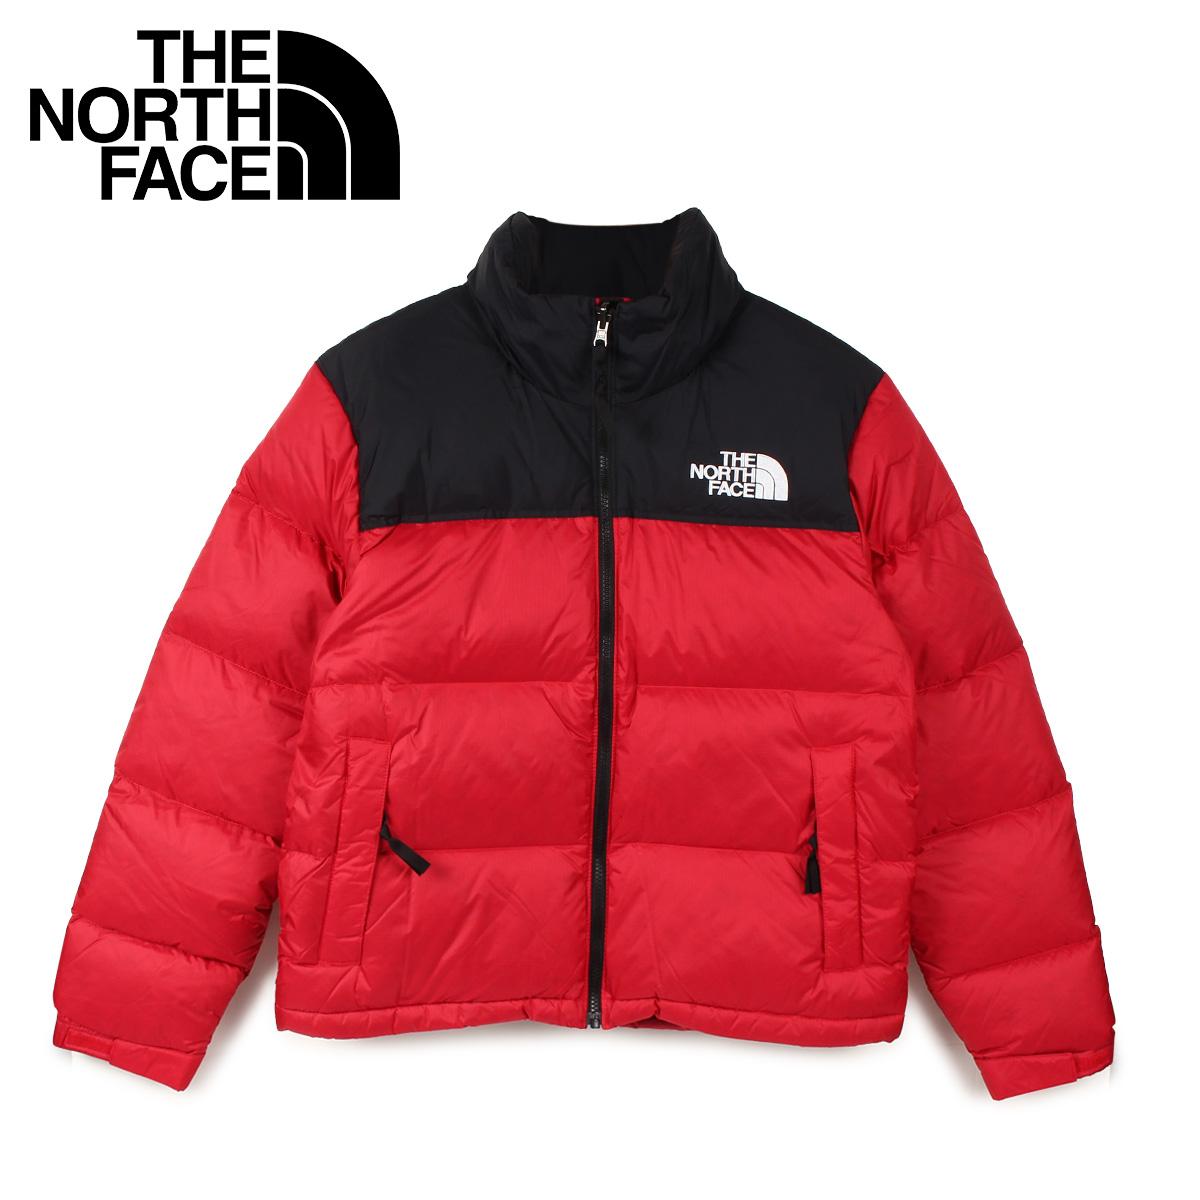 THE NORTH FACE WOMENS 1996 RETRO NUPTSE JACKET ノースフェイス 1996 ジャケット ダウンジャケット レトロ ヌプシ レディース レッド NF0A3XEO